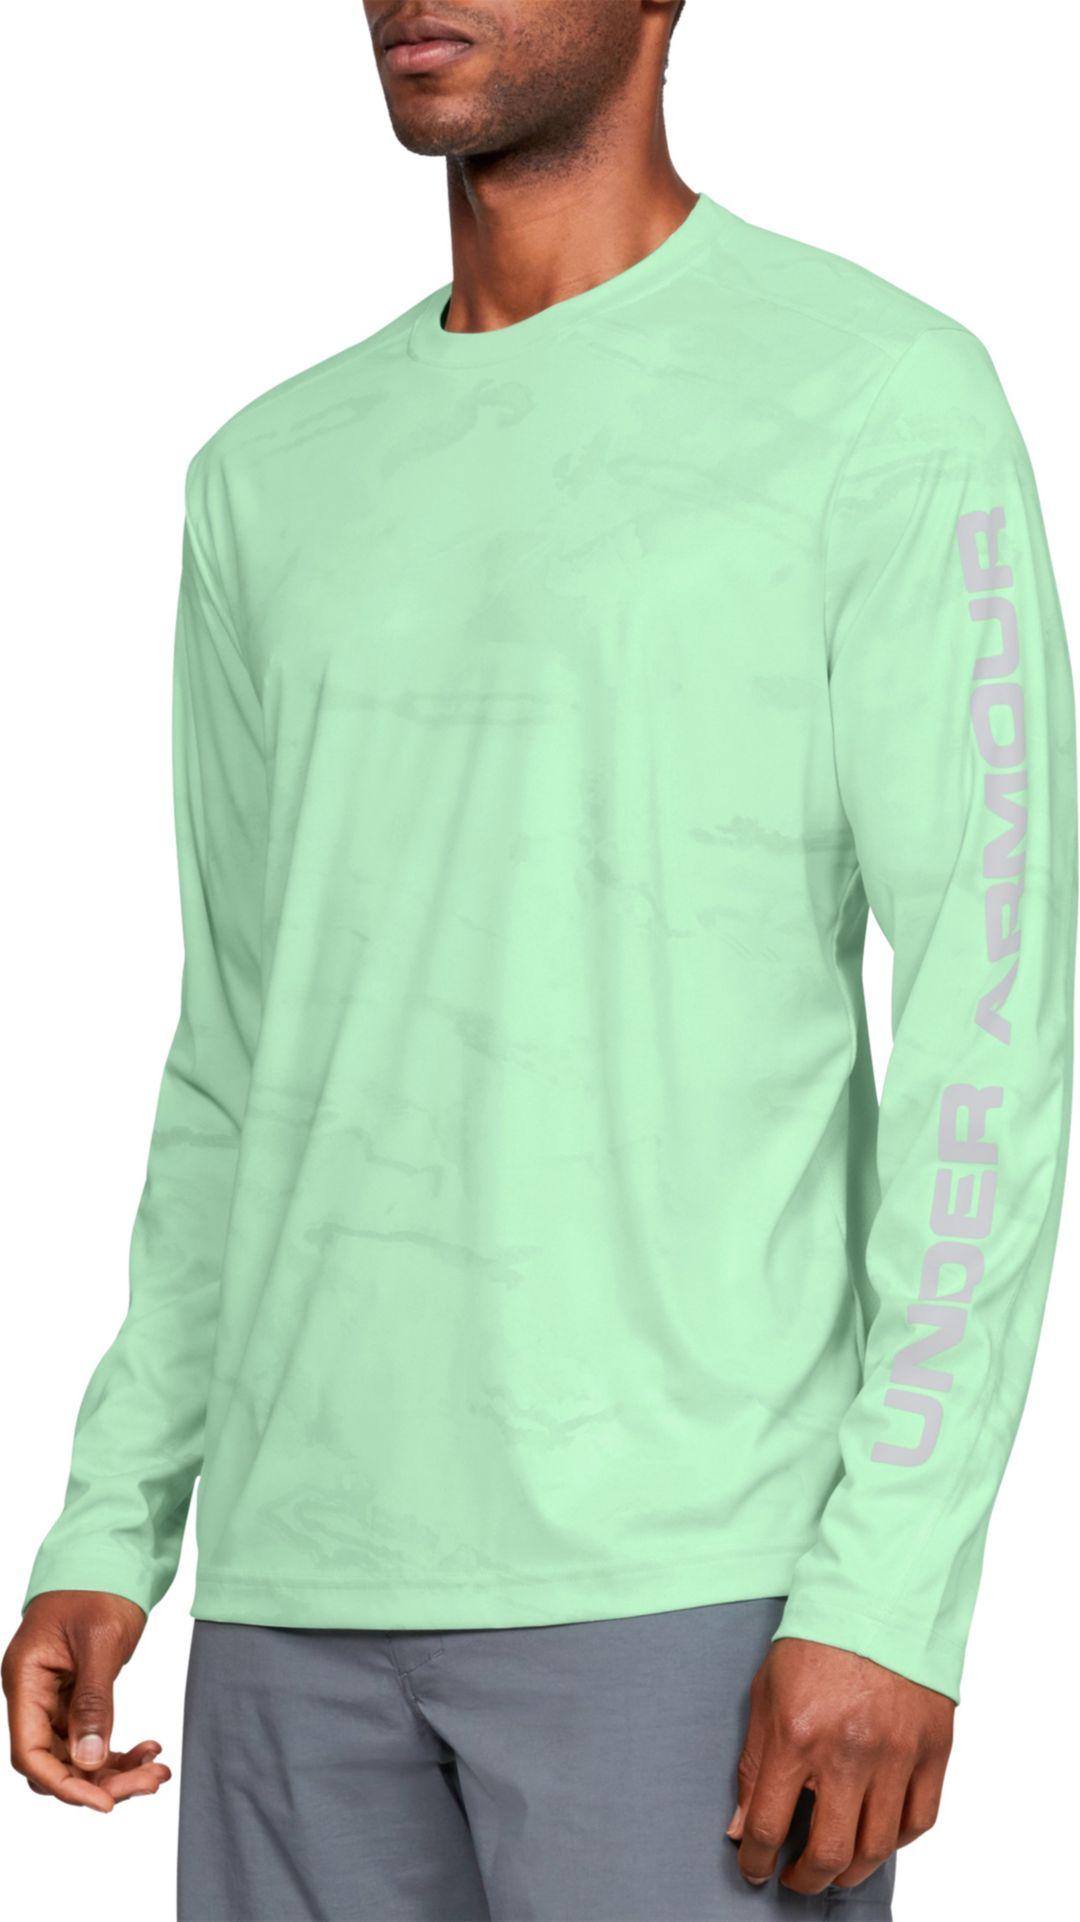 e028561b94 Under Armour Men's Shore Break Camo Fishing Long Sleeve Shirt